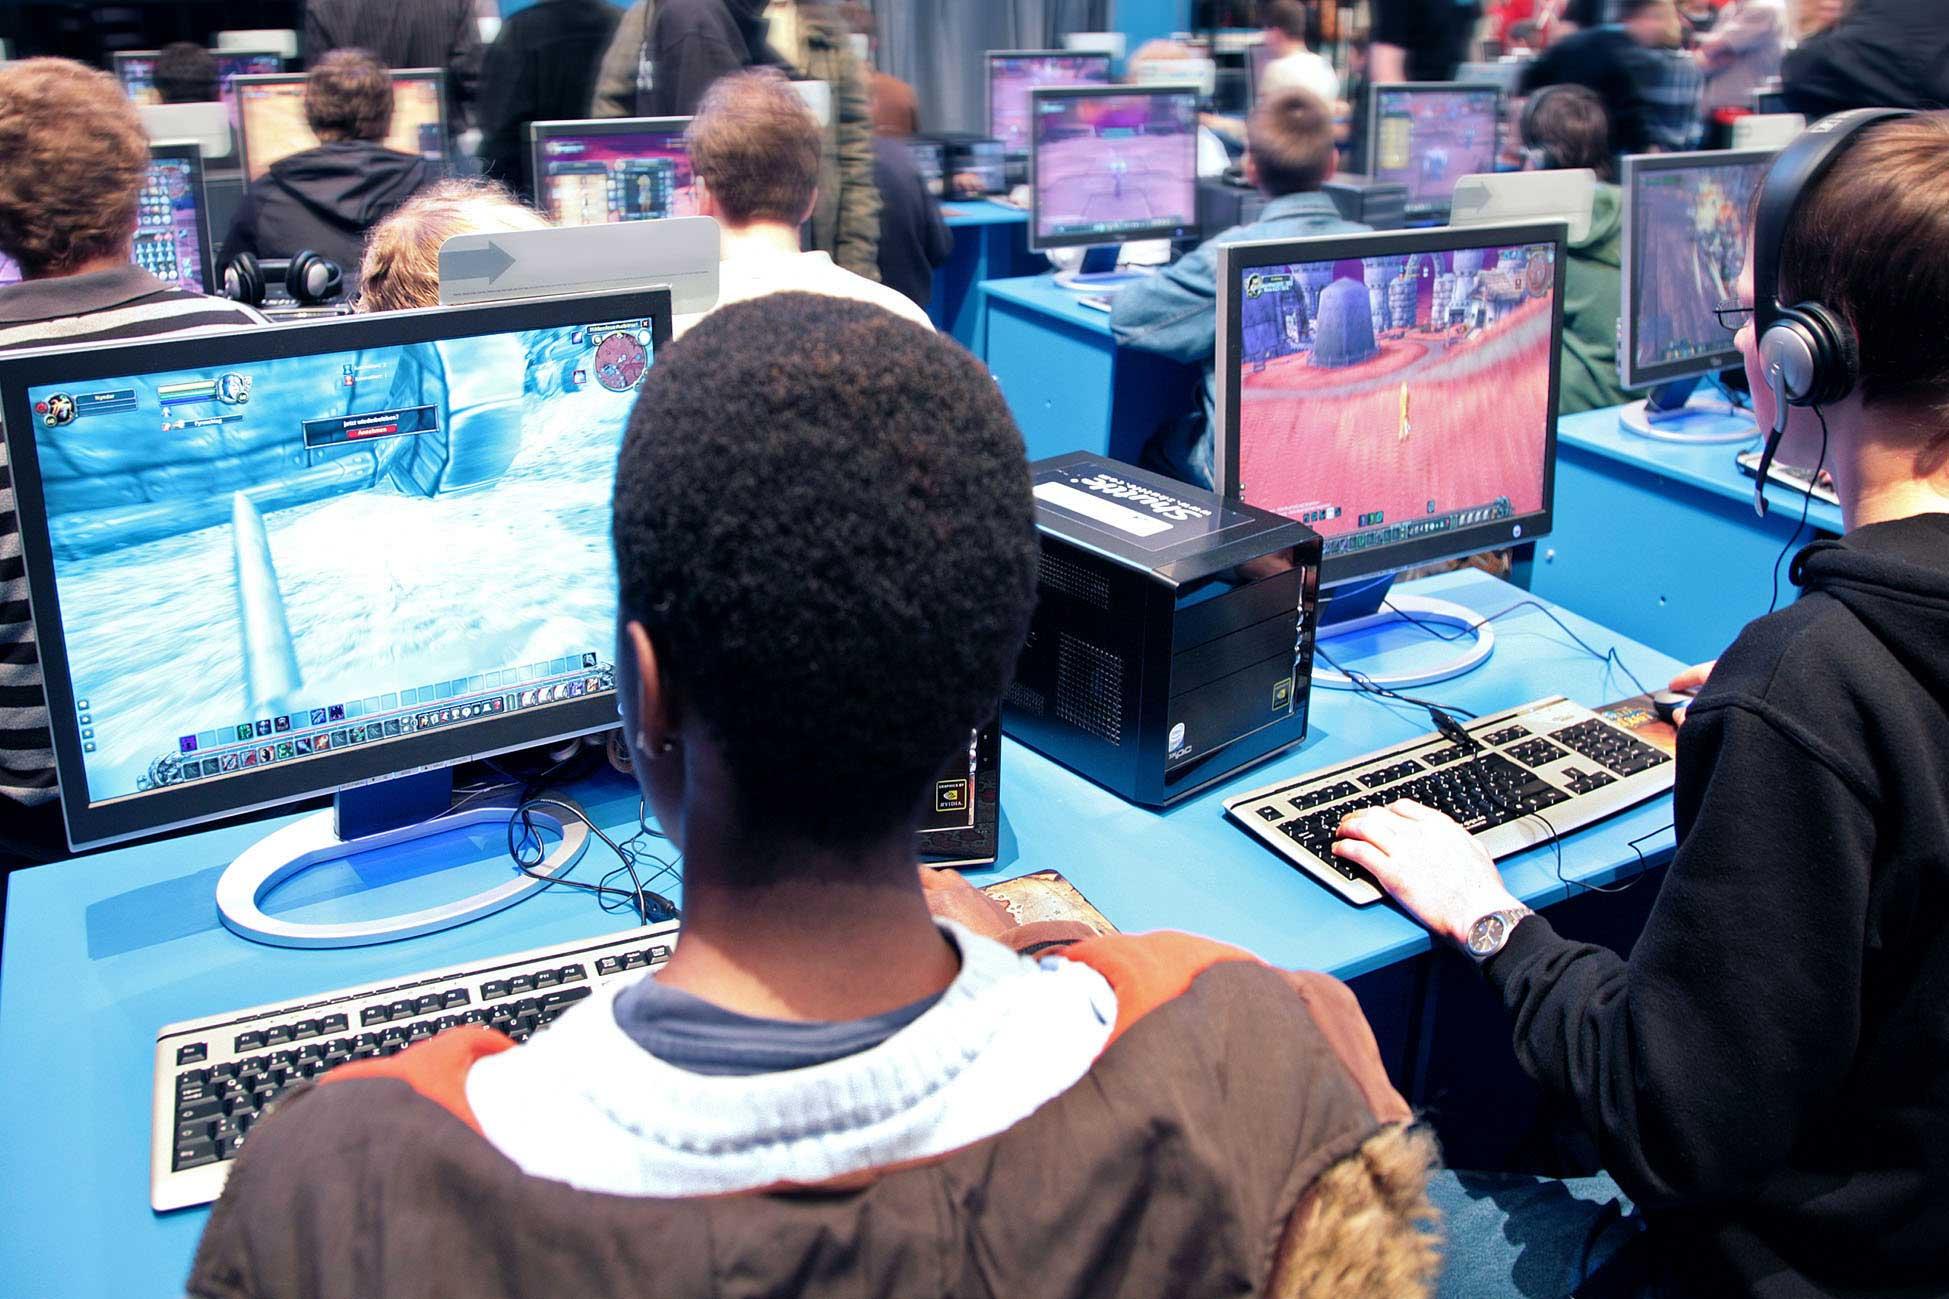 Raisons pour intégrer une ecole jeux video